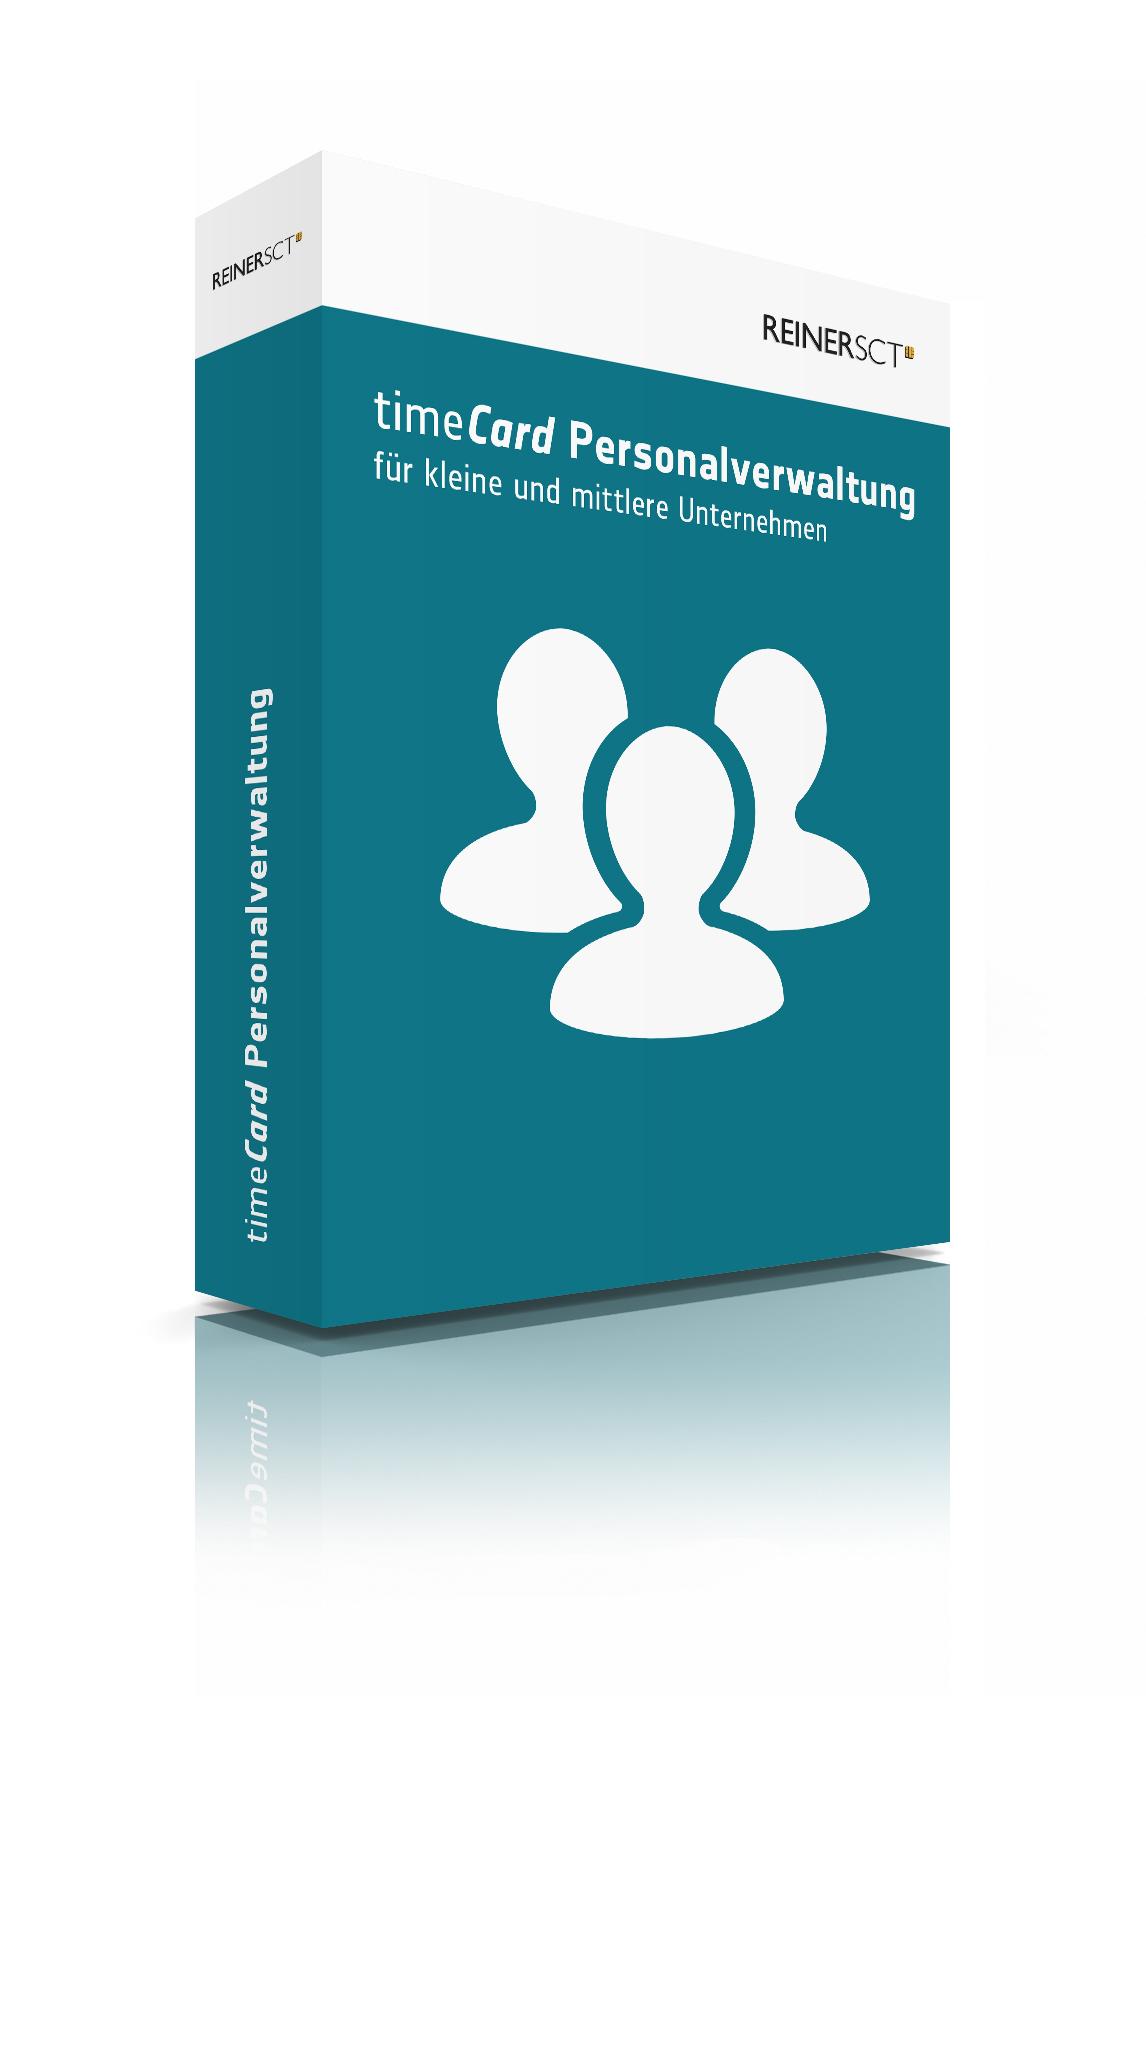 REINER_SCT_Personalverwaltung_Packshot